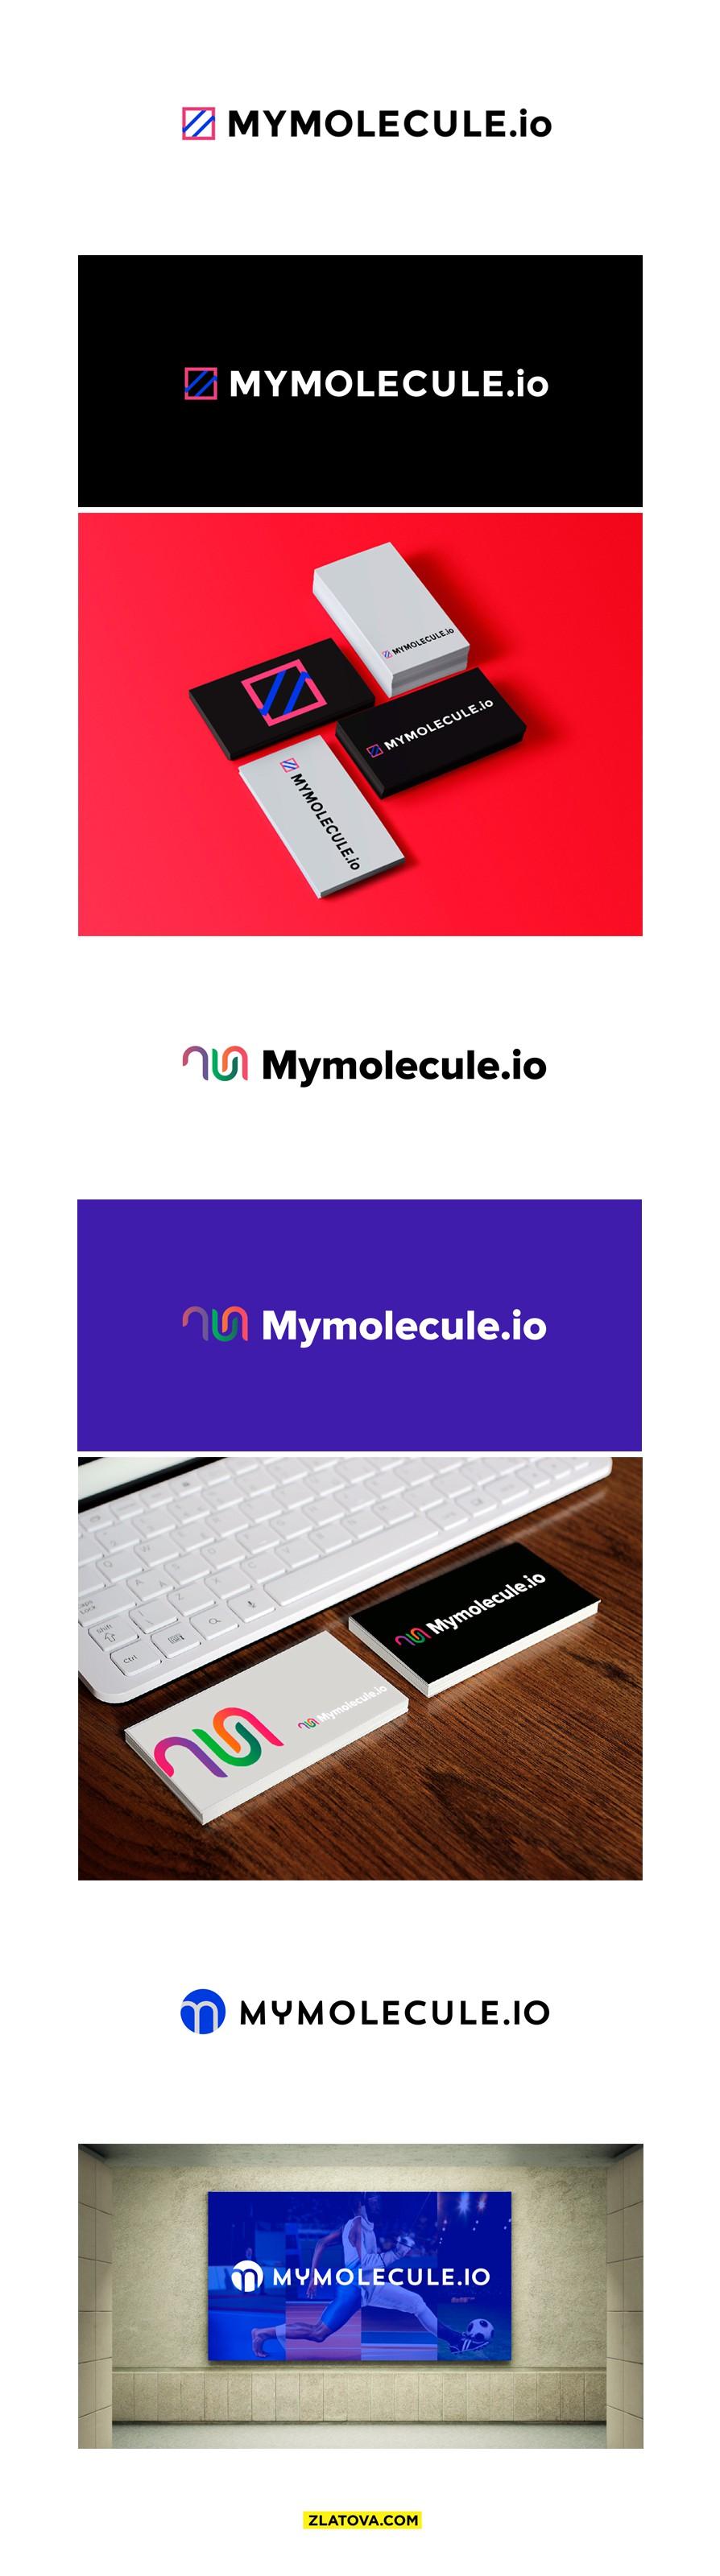 Mymolecule.io